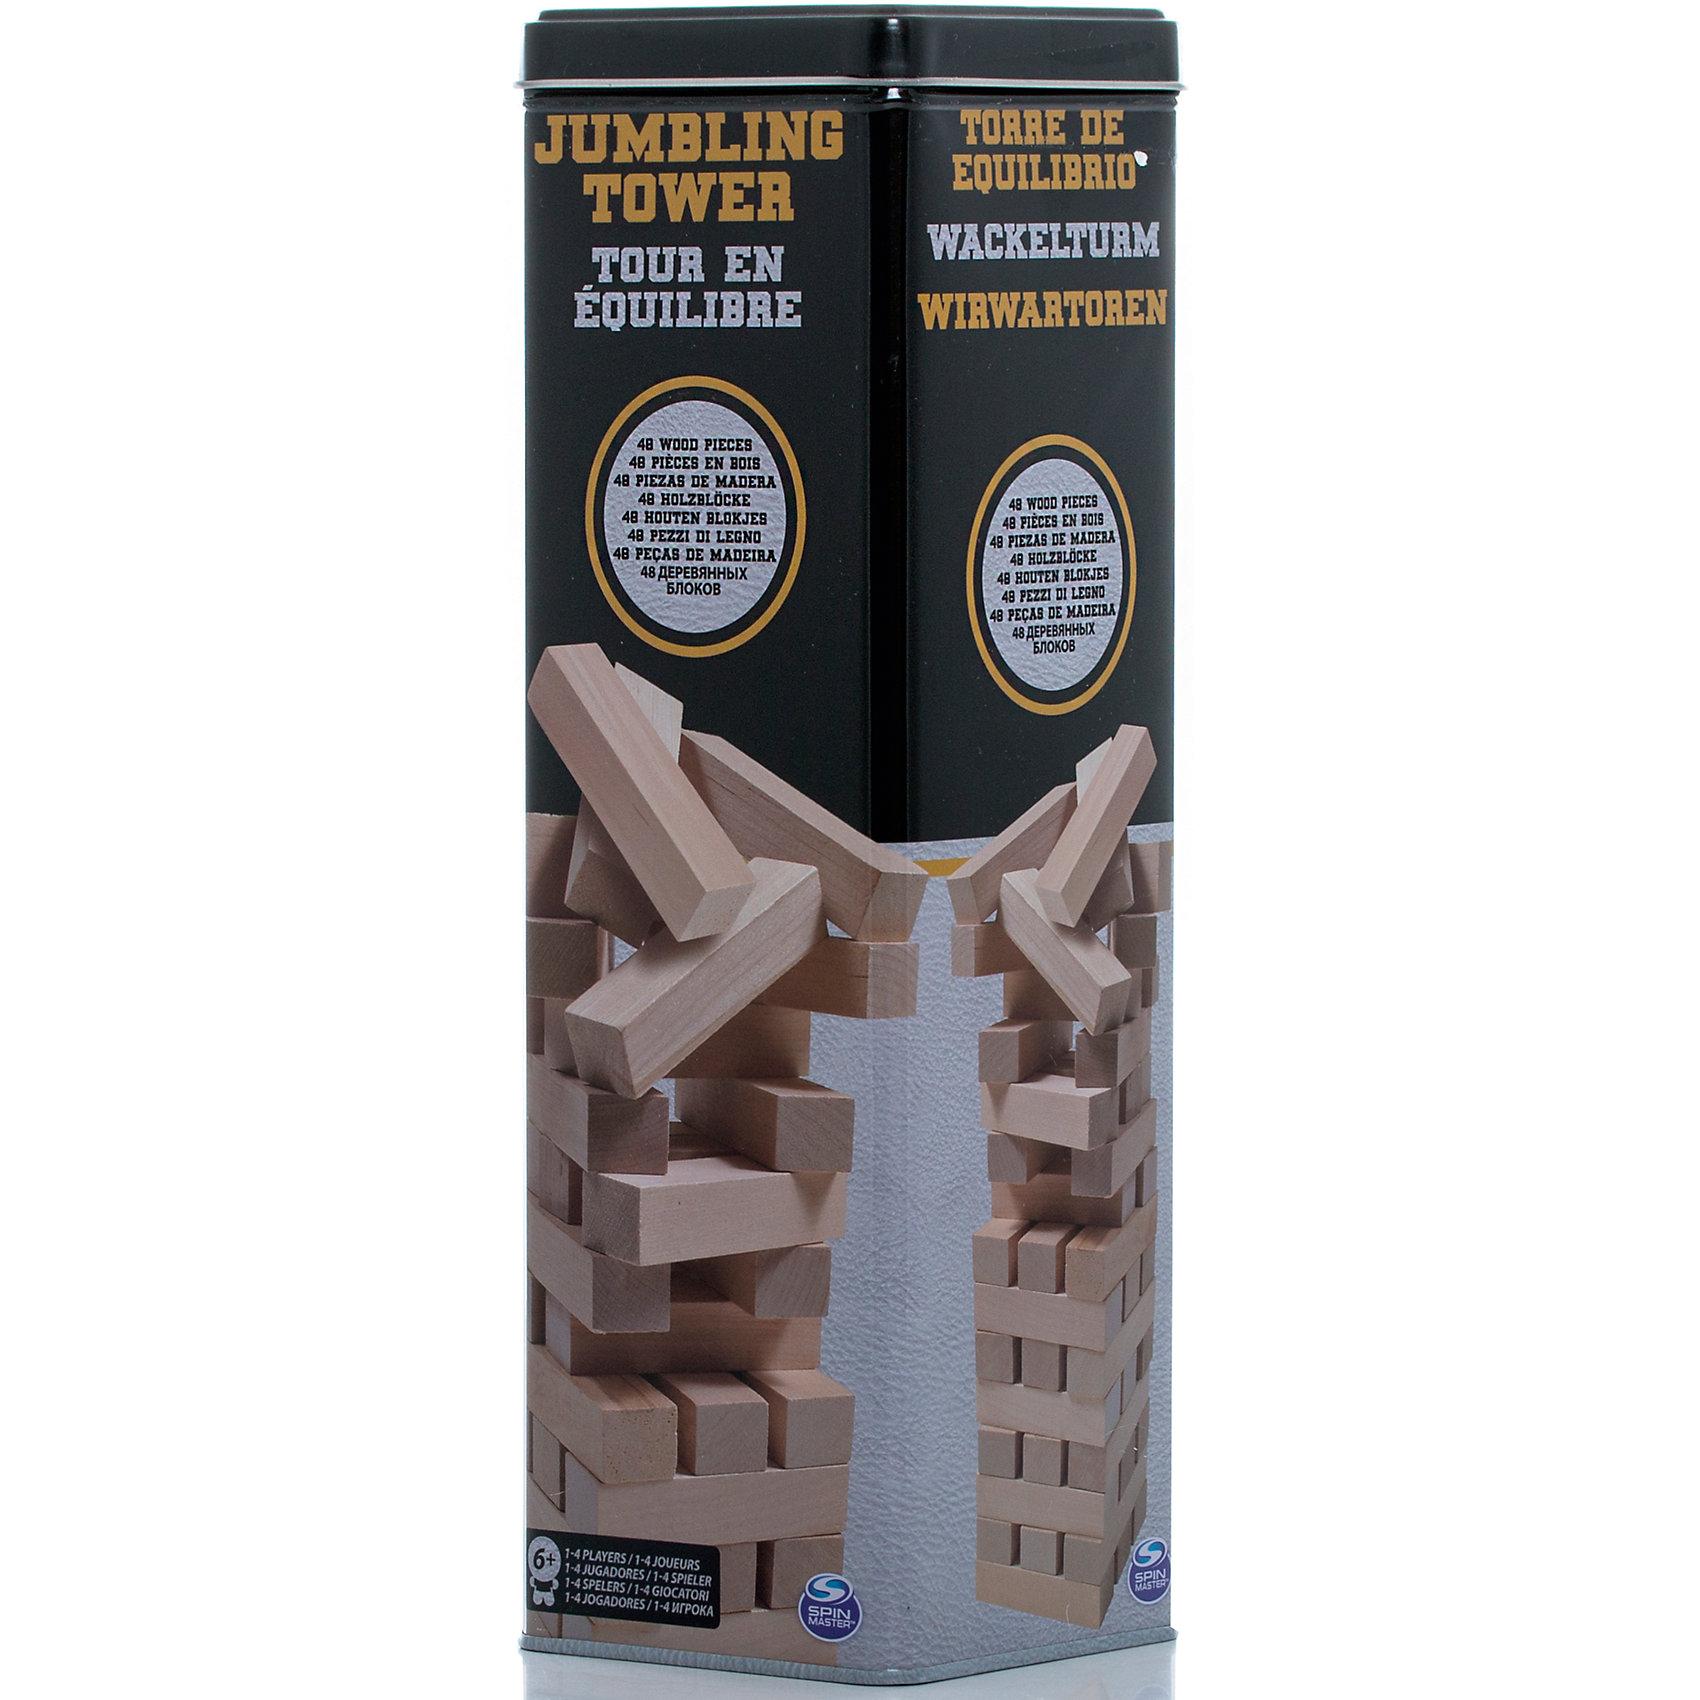 Настольная игра Падающая башня в жестяной банке, 48 блоков, Spin MasterНастольные игры<br>Характеристики товара:<br><br>• возраст от 6 лет;<br>• материал: дерево;<br>• в комплекте: 48 блоков, жестяная банка;<br>• количество игроков: до 4;<br>• размер блока 7,5 см;<br>• размер упаковки 28х9х9 см;<br>• страна производитель: Китай.<br><br>Настольная игра «Падающая башня» в жестяной банке Spin Master — увлекательная игра для компании до 4 человек. Цель игры — построить высокую башню, а затем убирать из нее по одному брусочку и помещать его наверх. Только следует быть аккуратным и внимательным, вынимая брусочки. Башня не должна упасть, иначе игрок проиграет. Игра тренирует внимательность, аккуратность, смекалку, ловкость. <br><br>Настольную игру «Падающая башня» в жестяной банке Spin Master можно приобрести в нашем интернет-магазине.<br><br>Ширина мм: 90<br>Глубина мм: 90<br>Высота мм: 280<br>Вес г: 985<br>Возраст от месяцев: 72<br>Возраст до месяцев: 2147483647<br>Пол: Унисекс<br>Возраст: Детский<br>SKU: 6728758